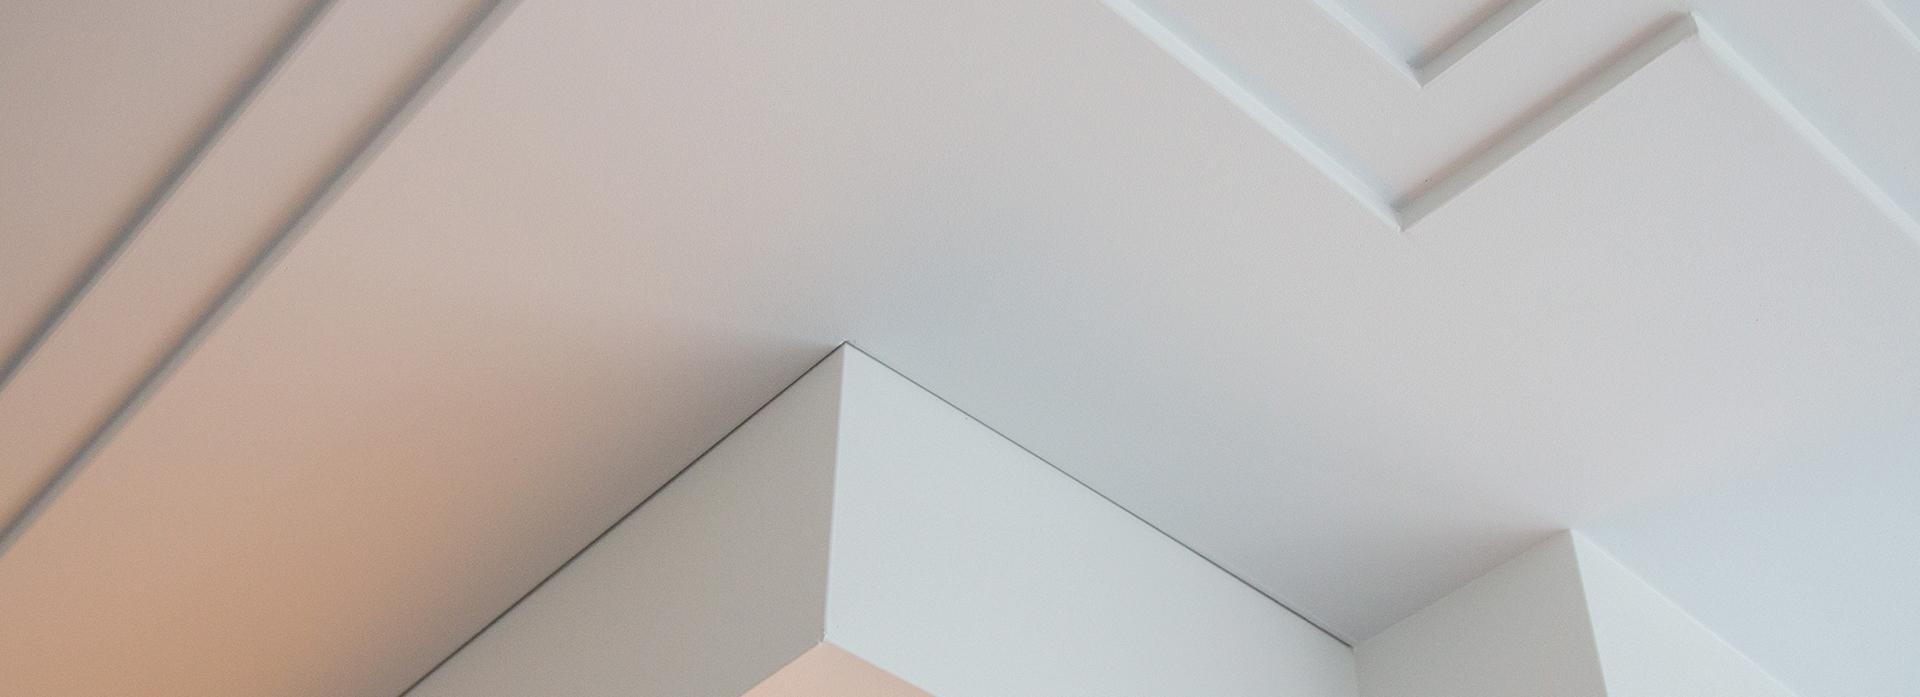 achtergrond-slider-03